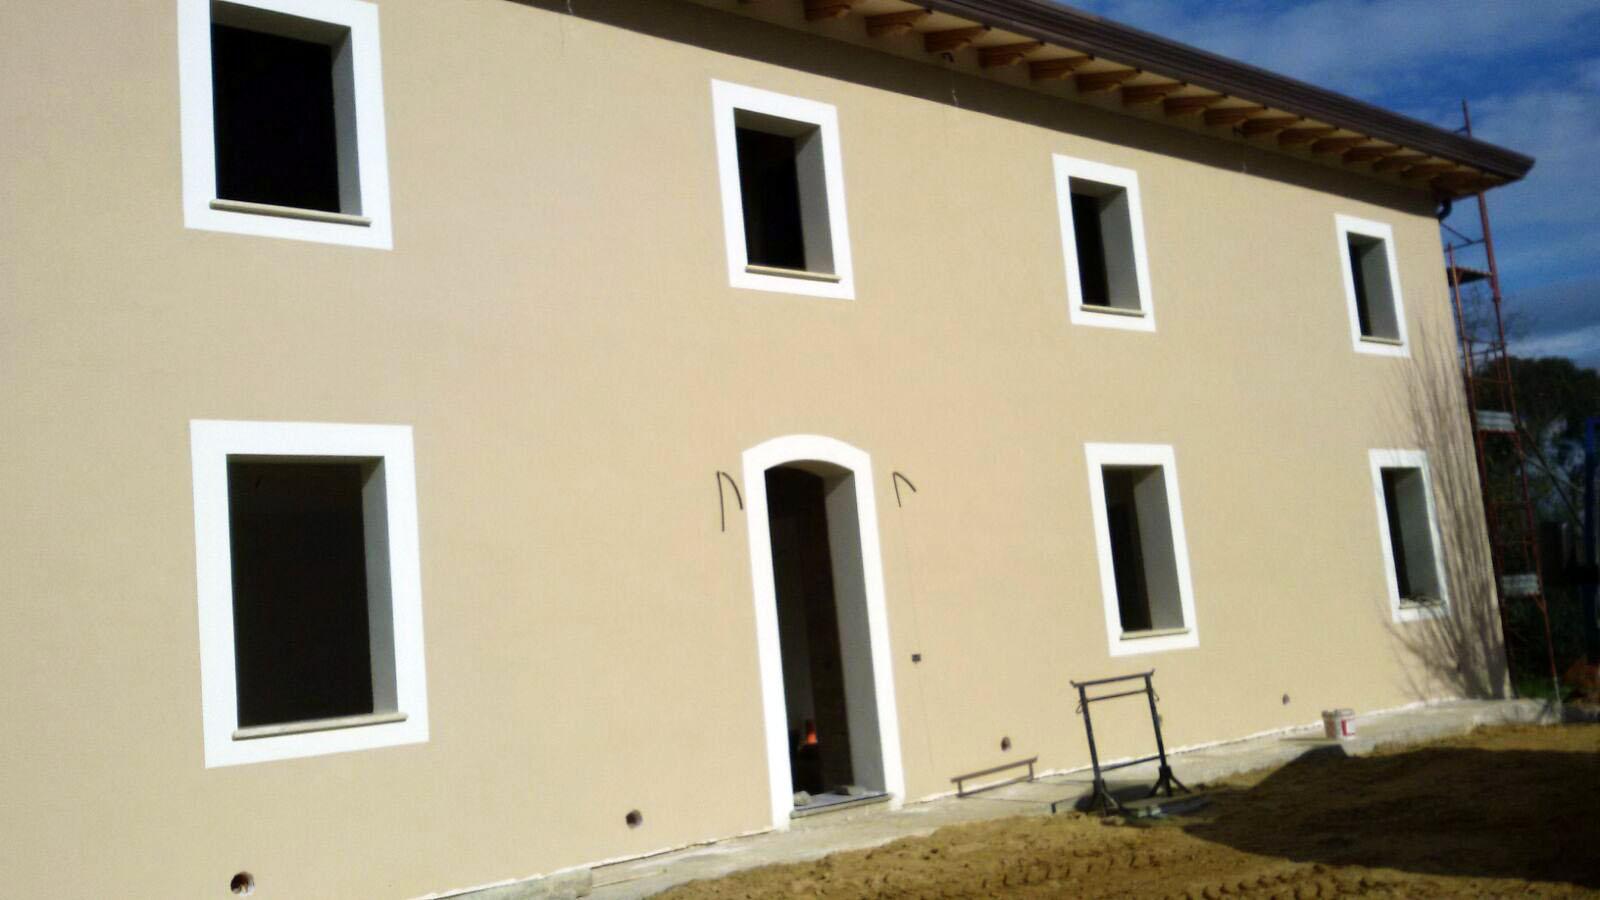 Intonaco esterno colorato cemento armato precompresso - Cemento colorato per esterno ...